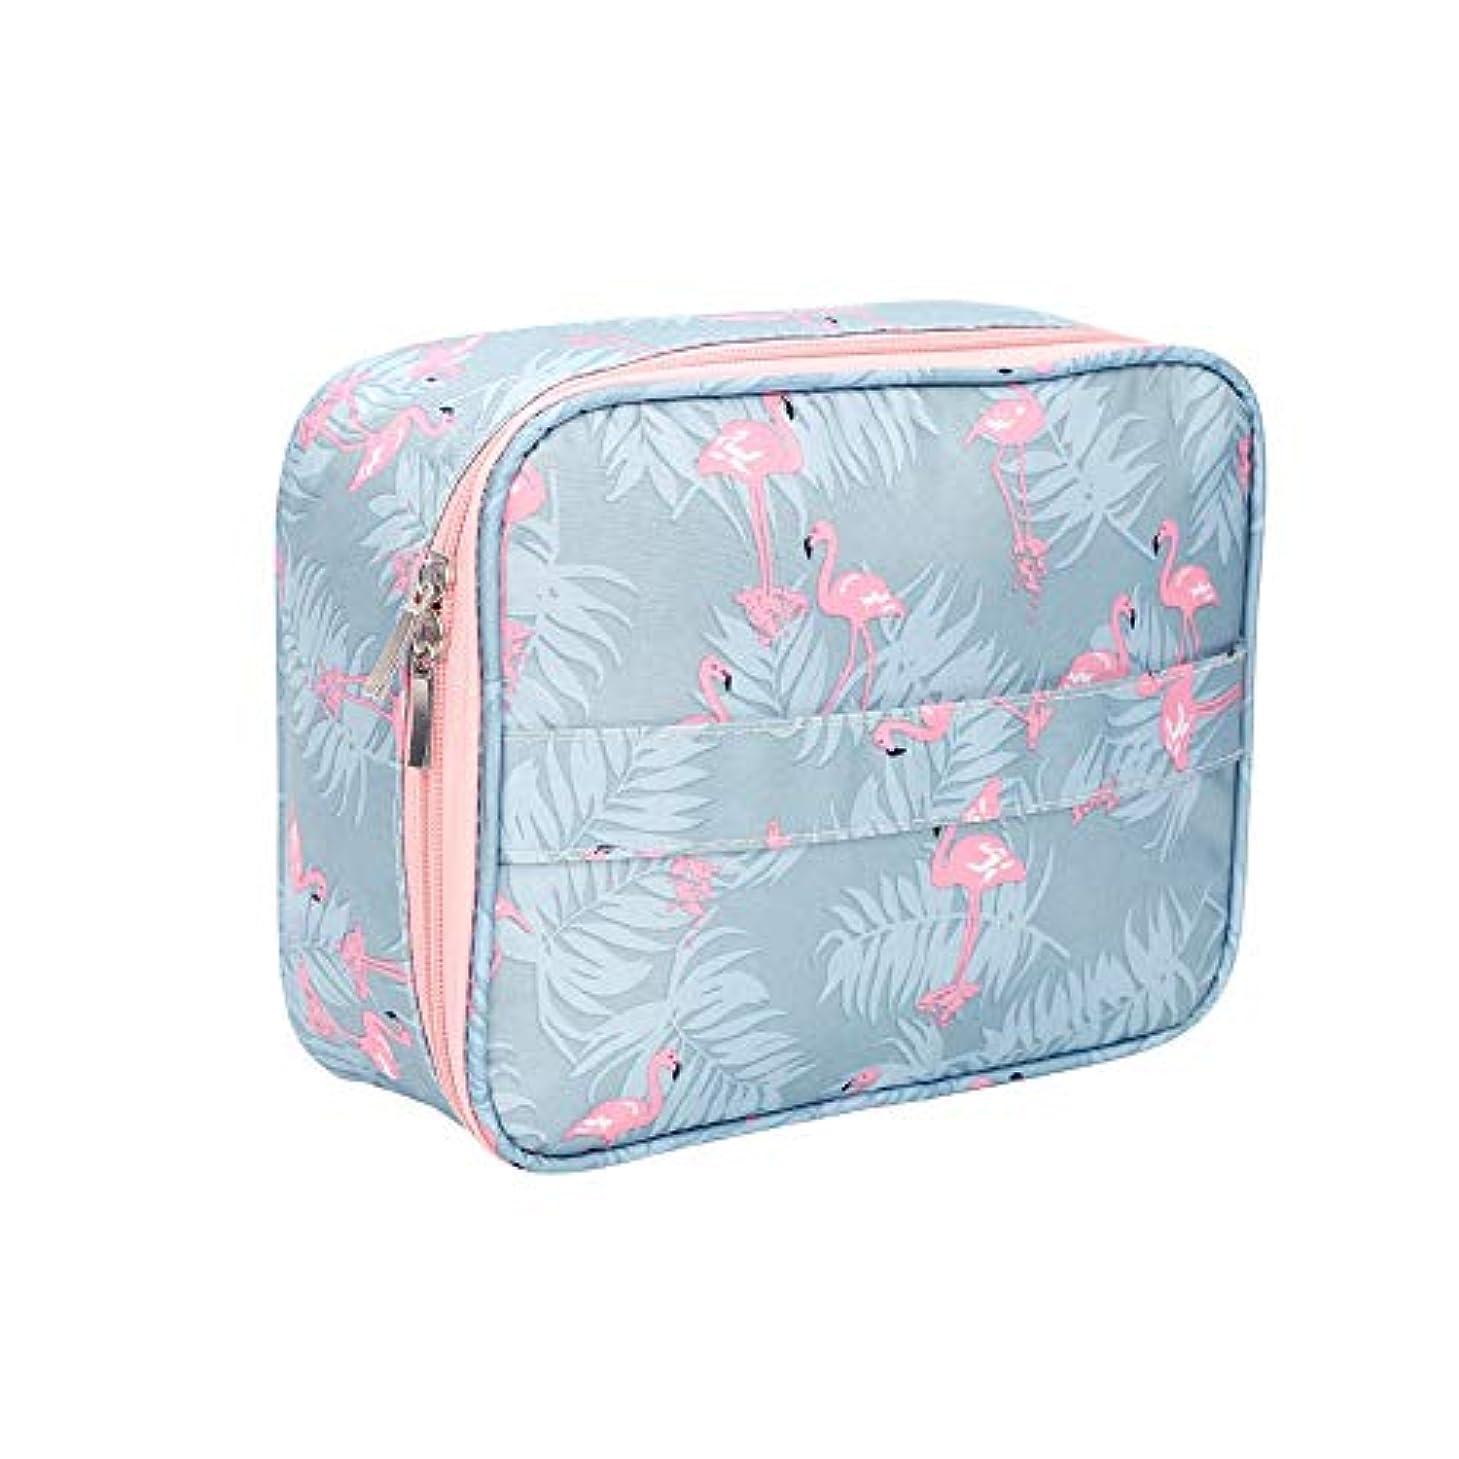 あいまいなモチーフ可愛いピンク メイクボックス プロ用 メイクケース 高品質 コスメ収納スタンド 大容量 コスメケース 旅行用 収納ケース 化粧 收納抜群 メイクブラシバッグ